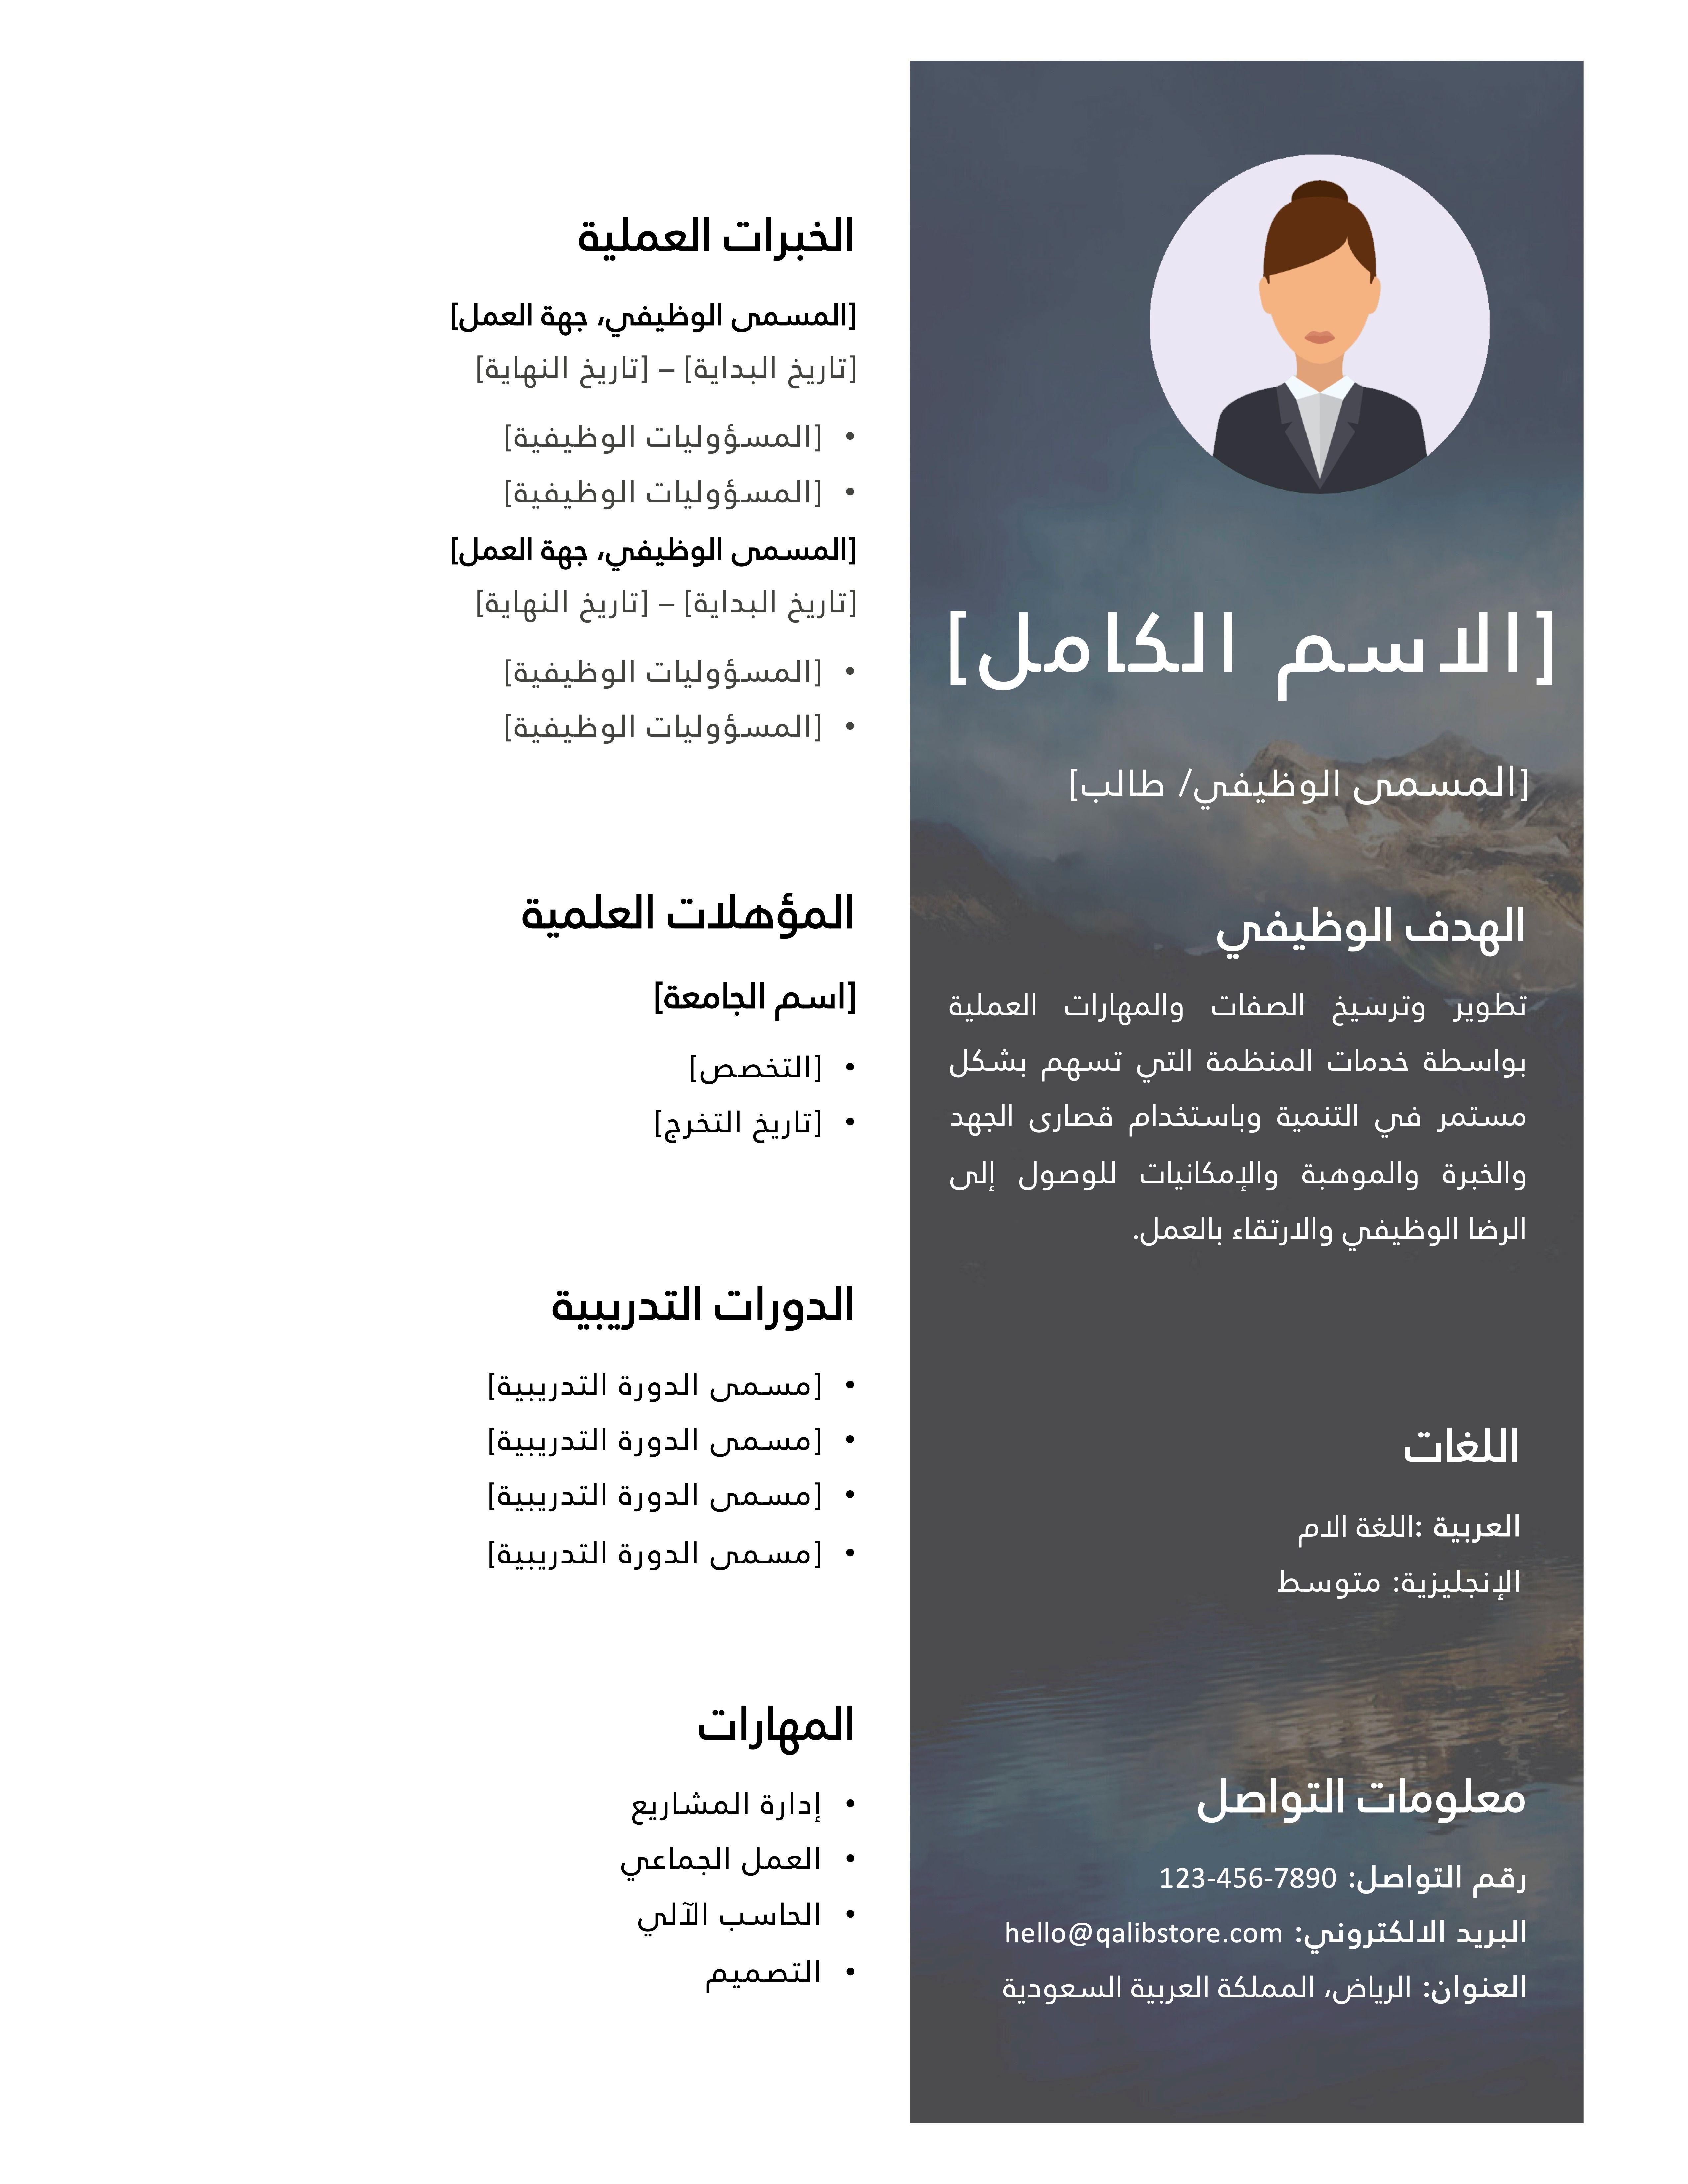 قالب سيرة ذاتية عربي رمادي مع صورة قابل للتعديل Ill